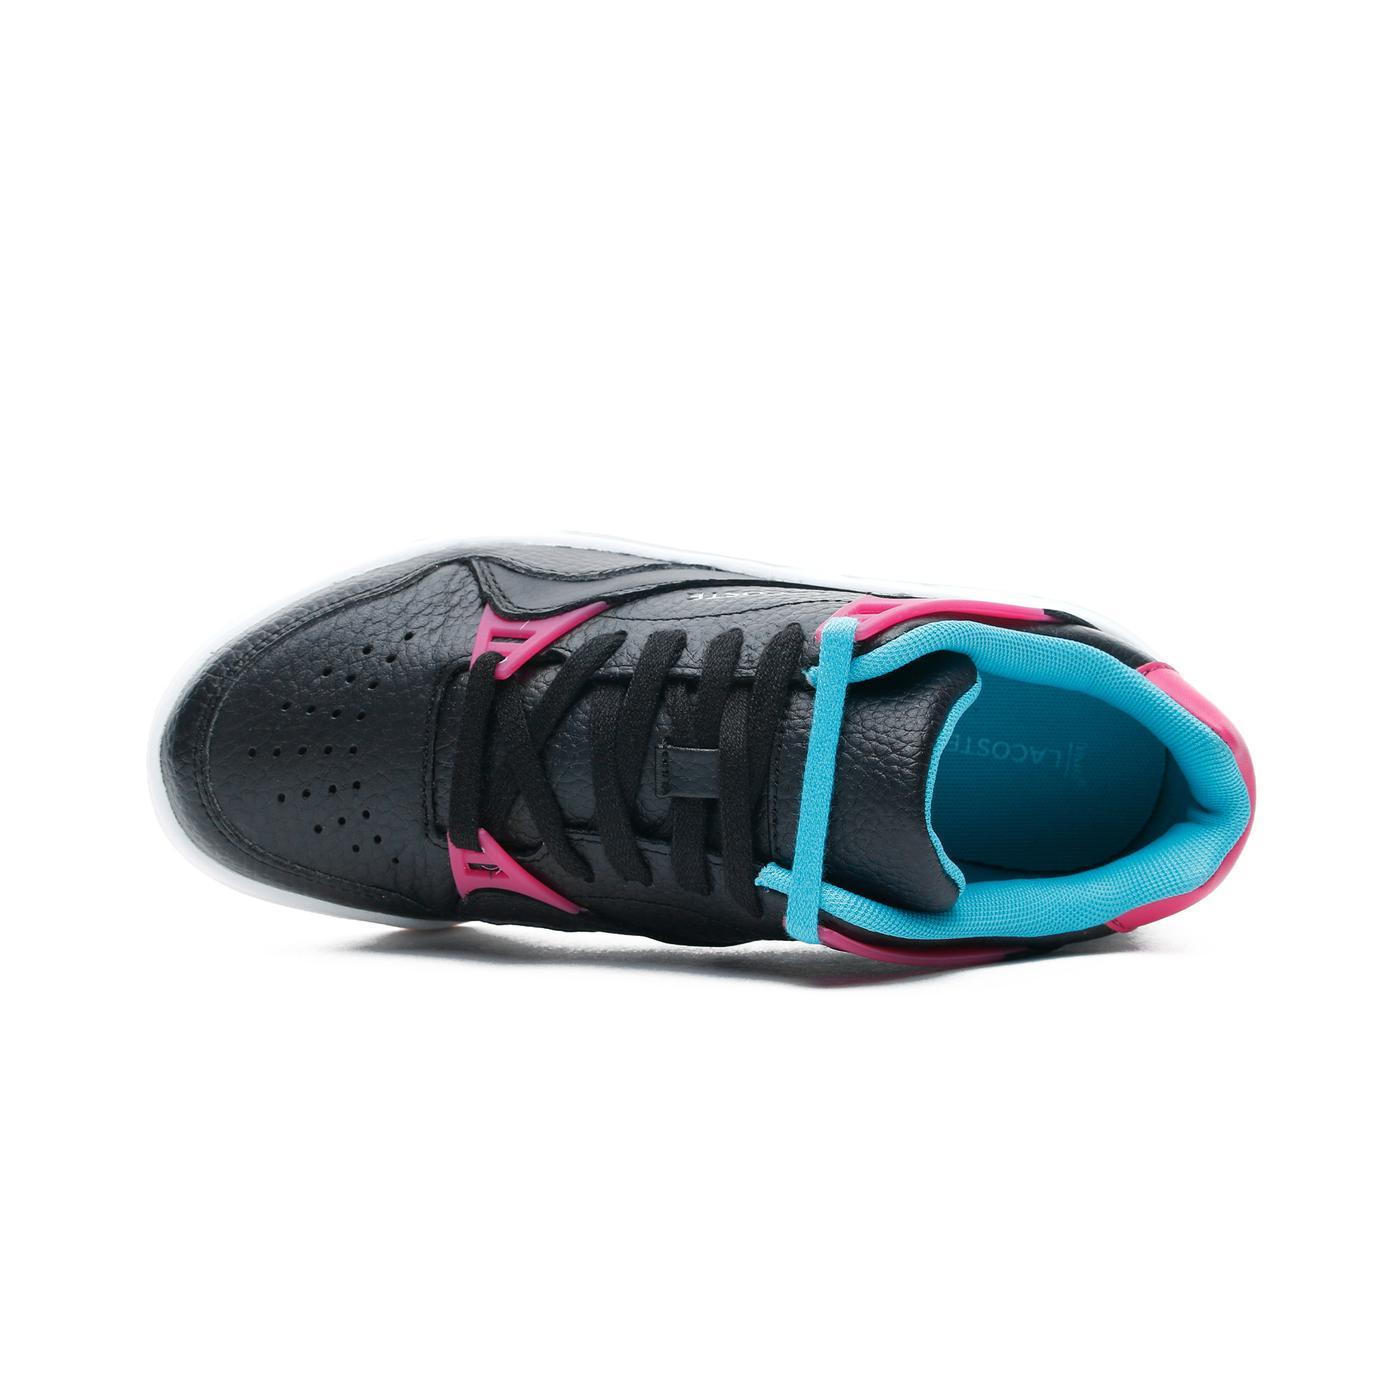 Lacoste Court Slam Kadın Siyah Spor Ayakkabı